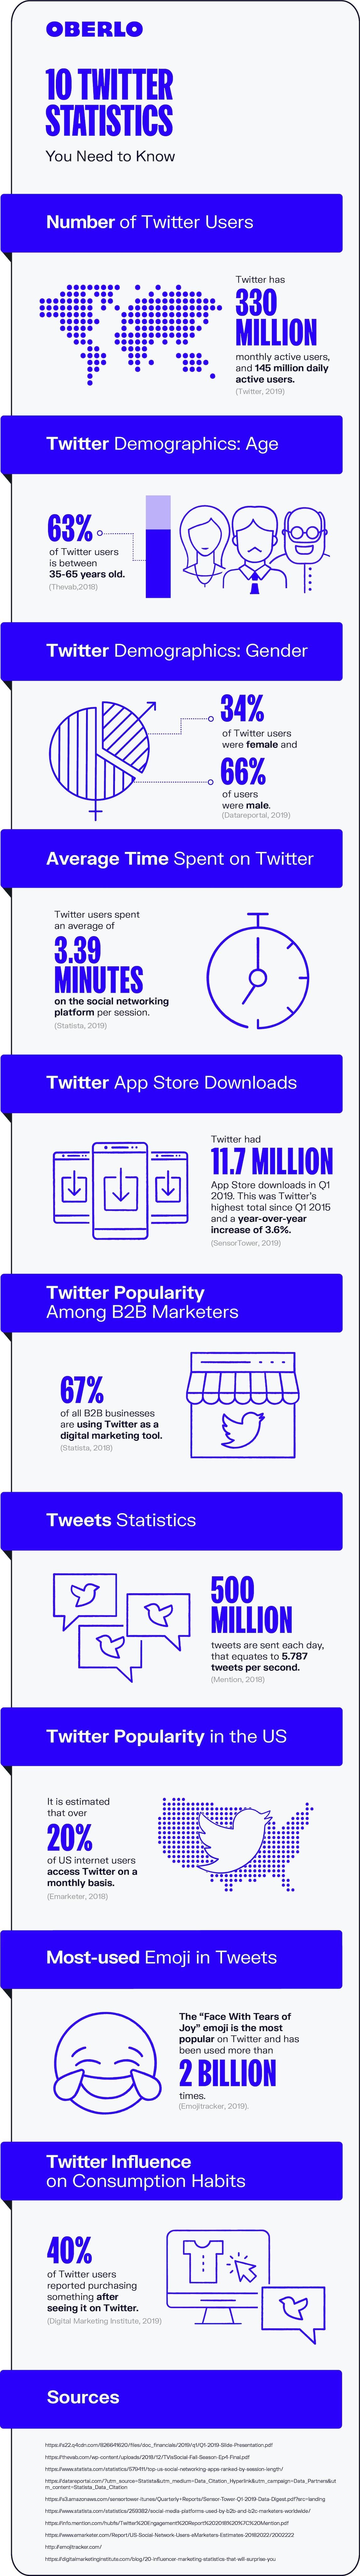 Twitter Statistics 2020